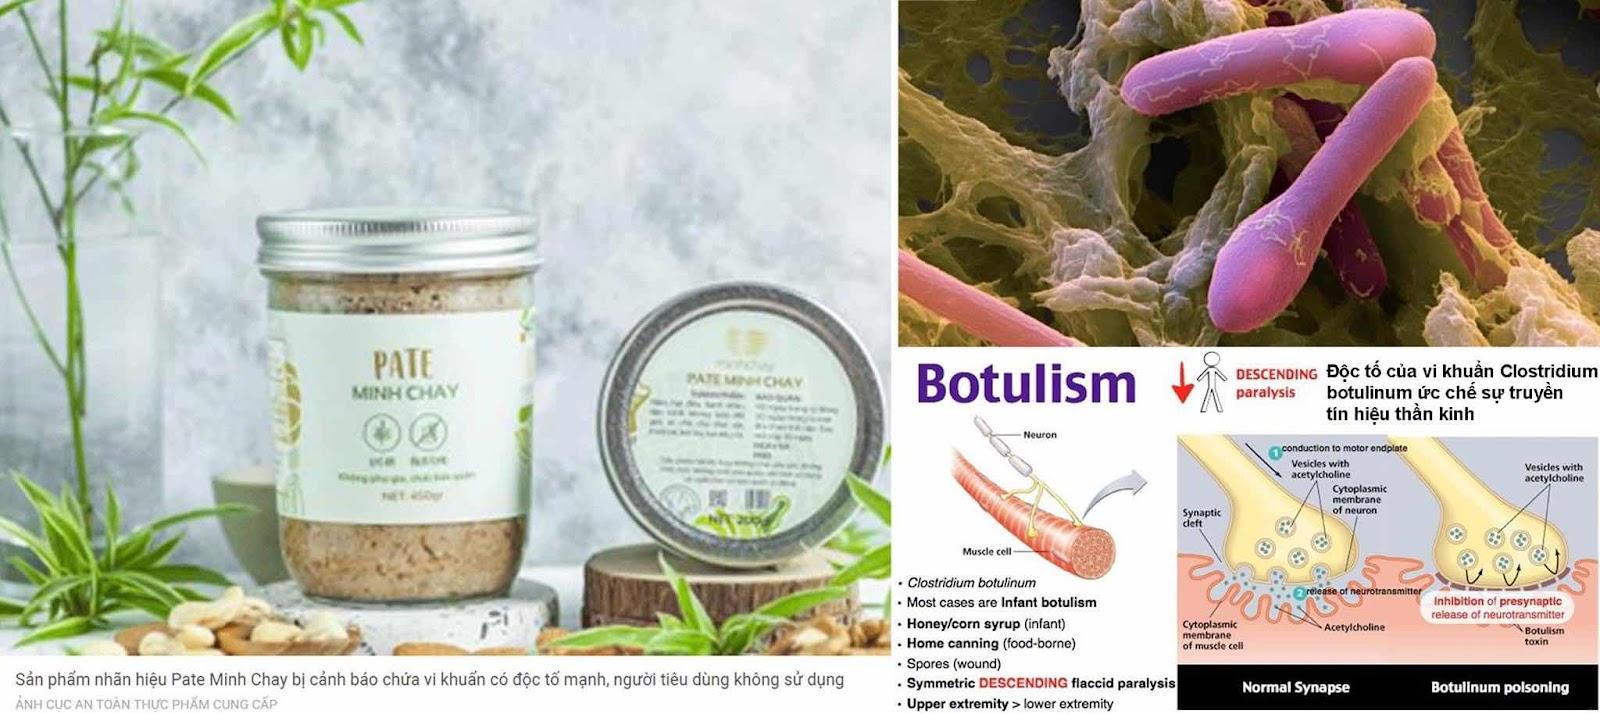 Ngộ độc thực phẩm do vi khuẩn Clostridium botulinum